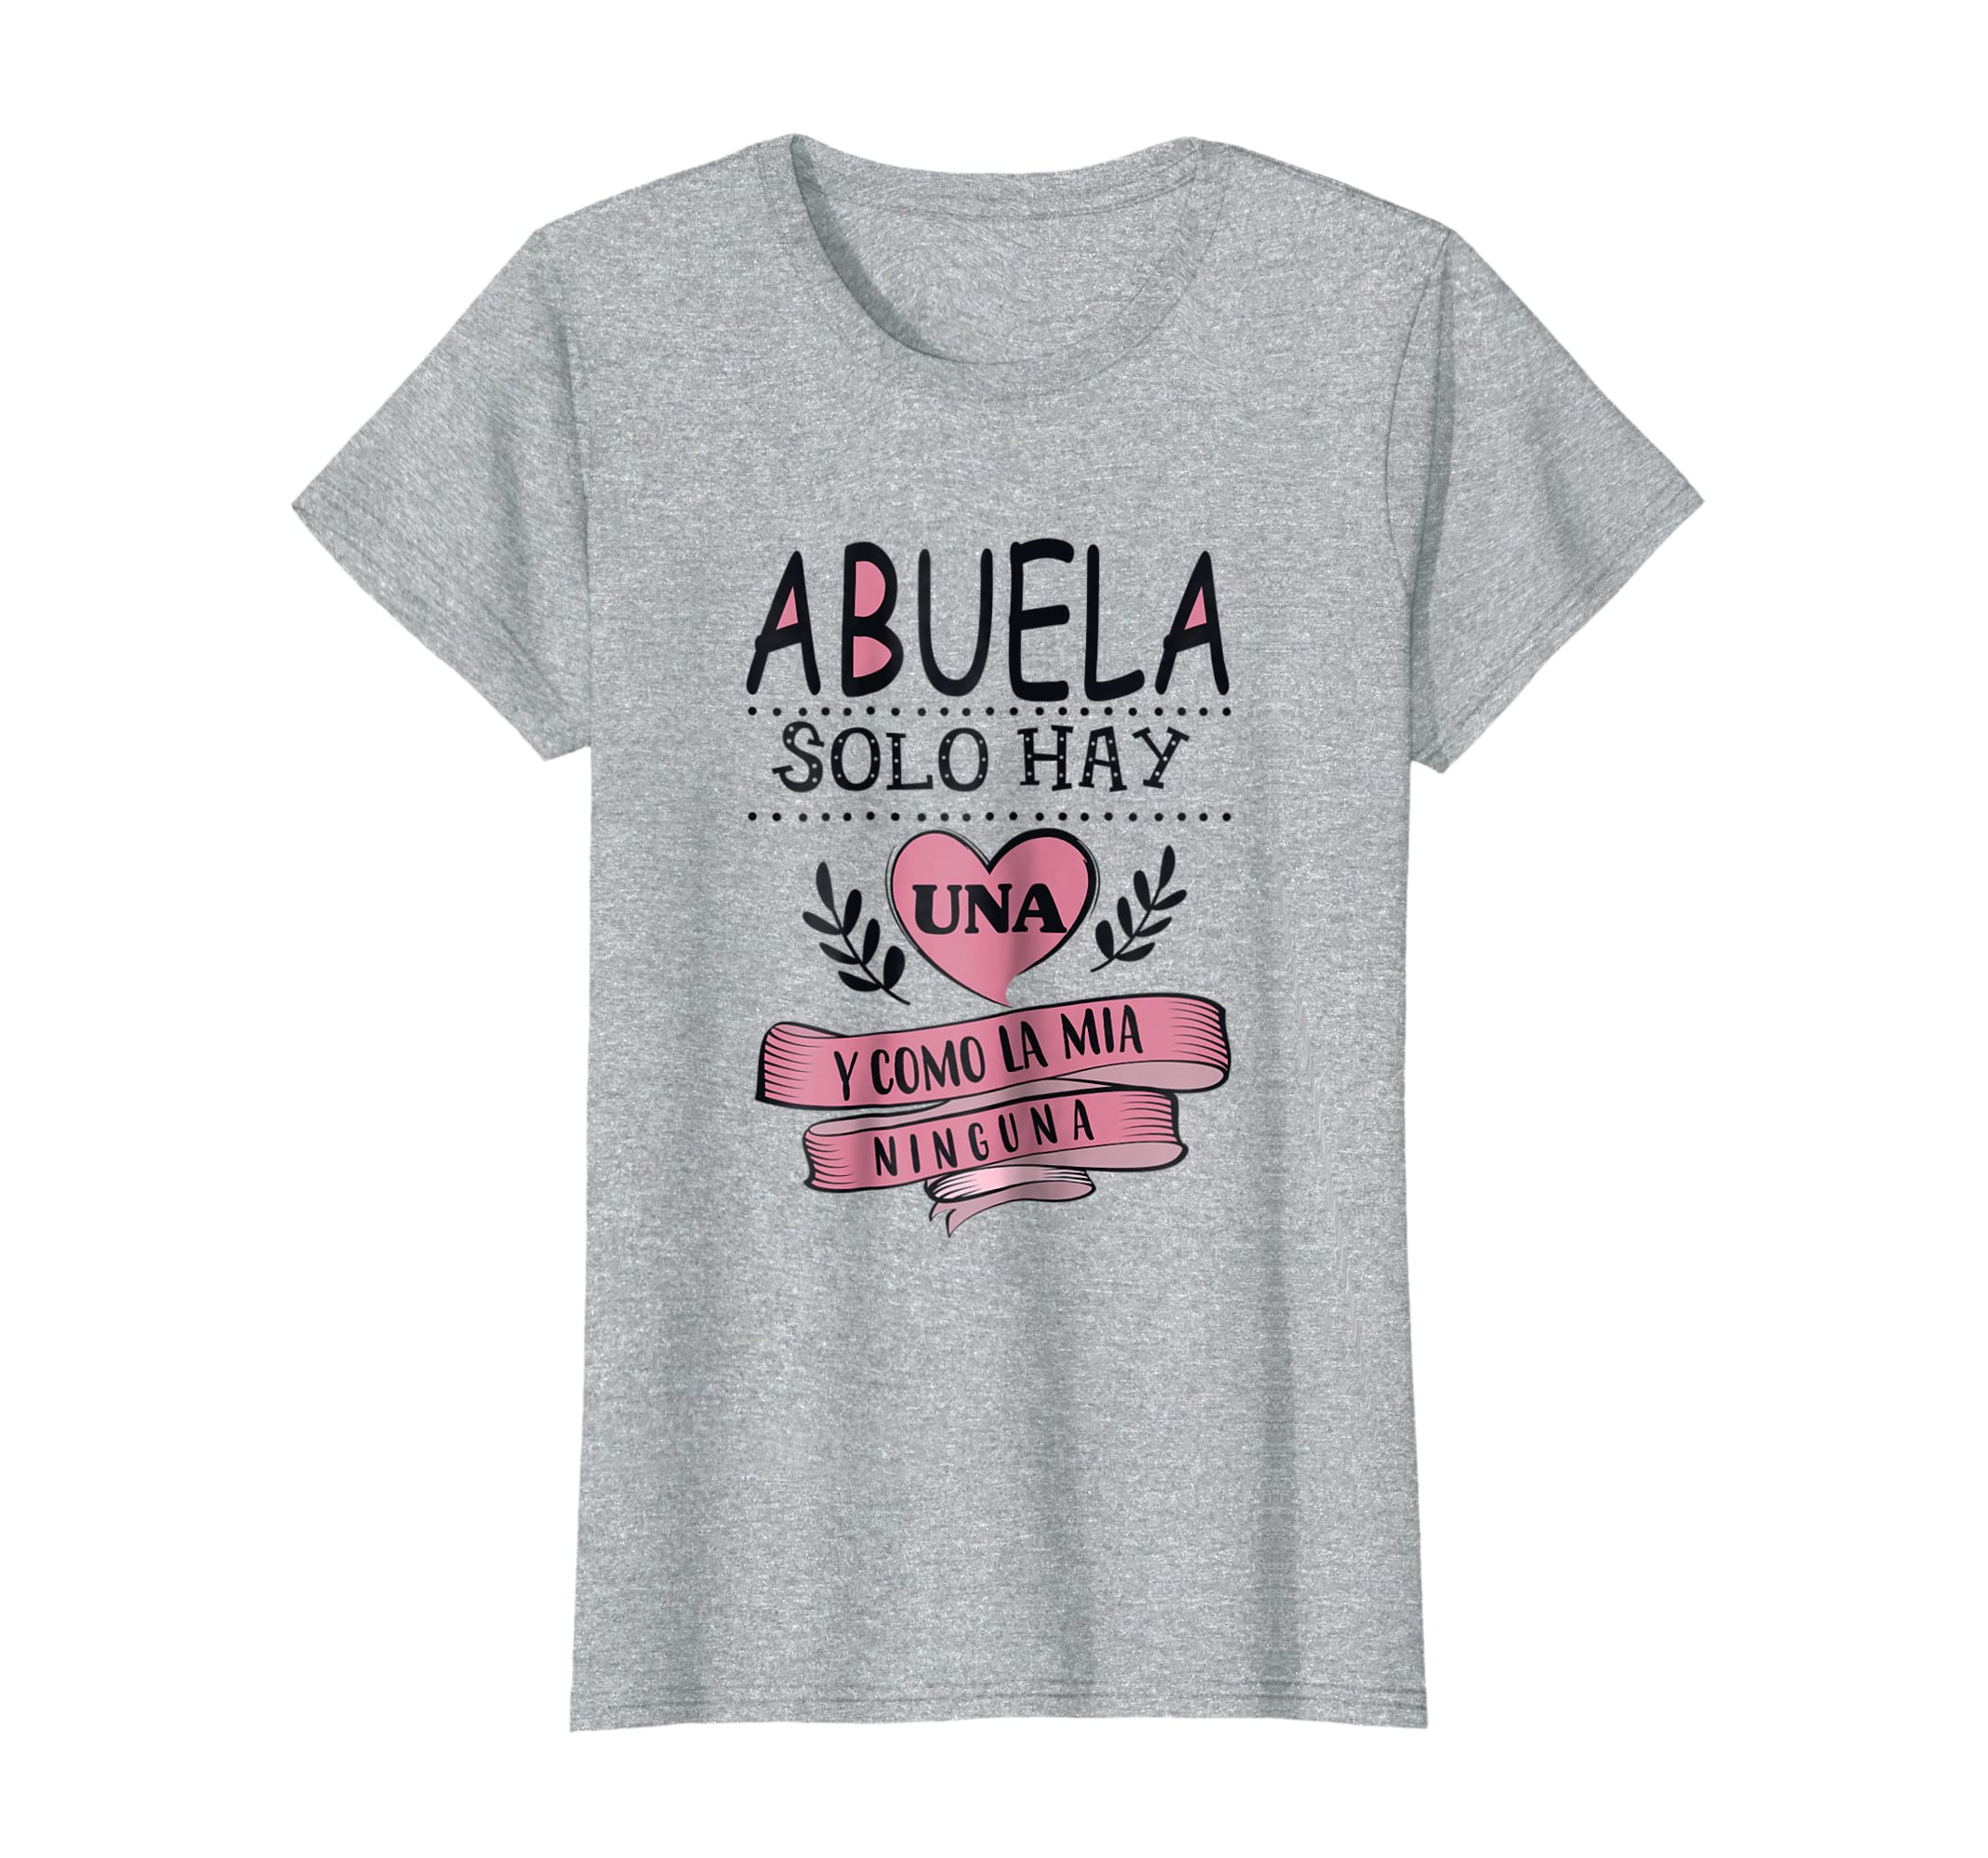 Abuela Solo Hay Una Y Como La Mia Ninguna Camisetas-Awarplus